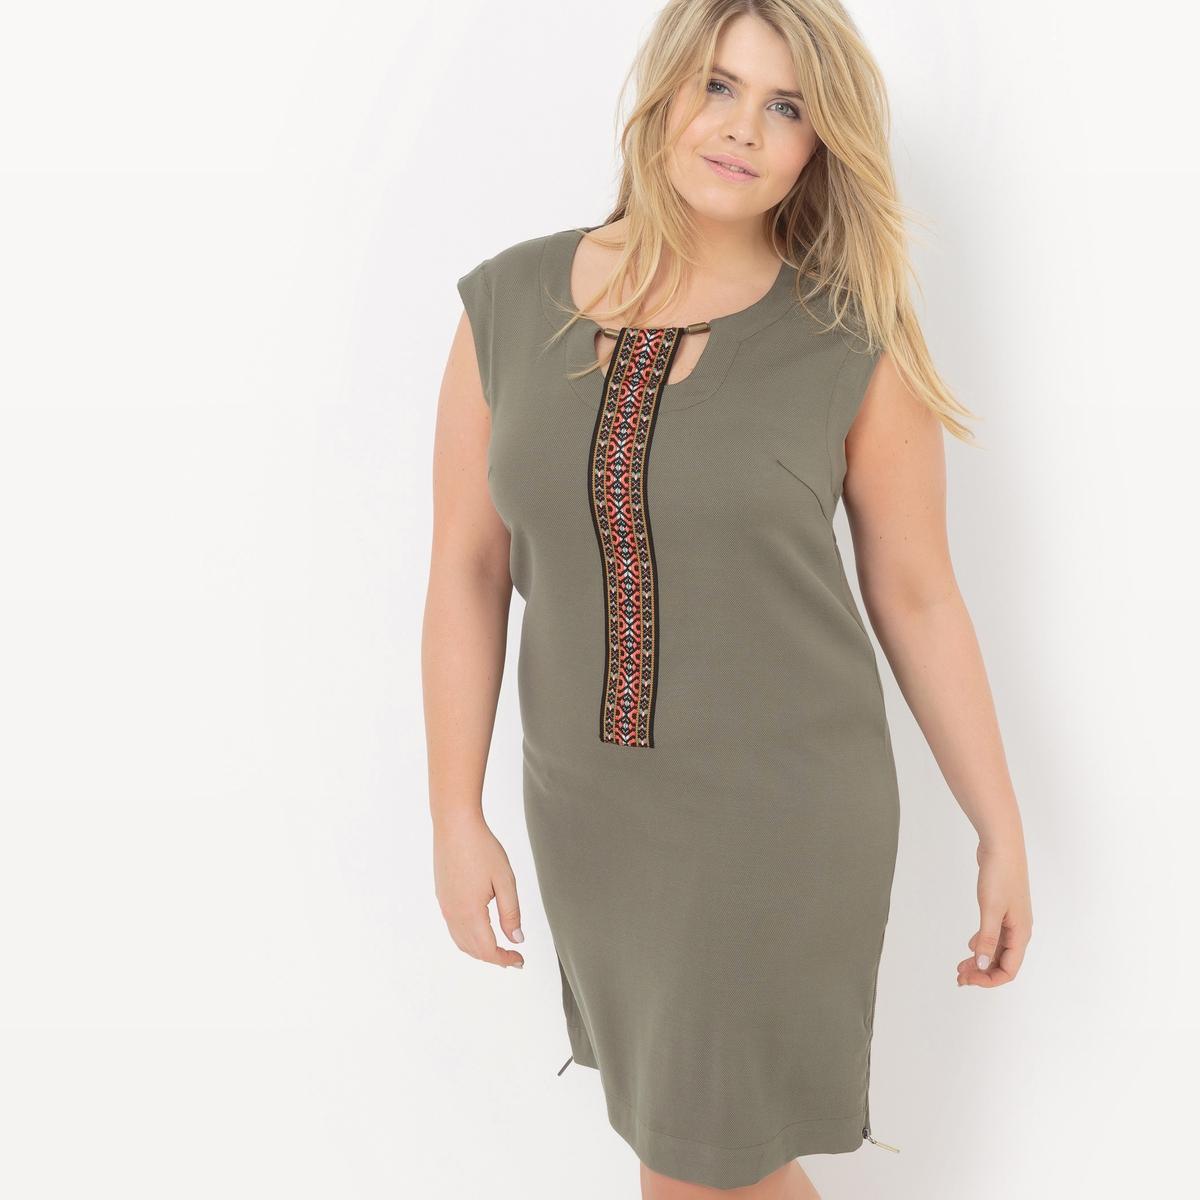 ПлатьеПлатье без рукавов Mellem, застежка на молнию по бокам внизу платья. Из трикотажа пике стретч. Элегантный вырез: украшение и лента с разноцветным жаккардовым рисунком. Ультра комфортное платье прямого покроя. 49% полиэстера, 49% вискозы, 2% эластана<br><br>Цвет: охра,терракота,хаки<br>Размер: 52 (FR) - 58 (RUS).50 (FR) - 56 (RUS).46 (FR) - 52 (RUS).50 (FR) - 56 (RUS)